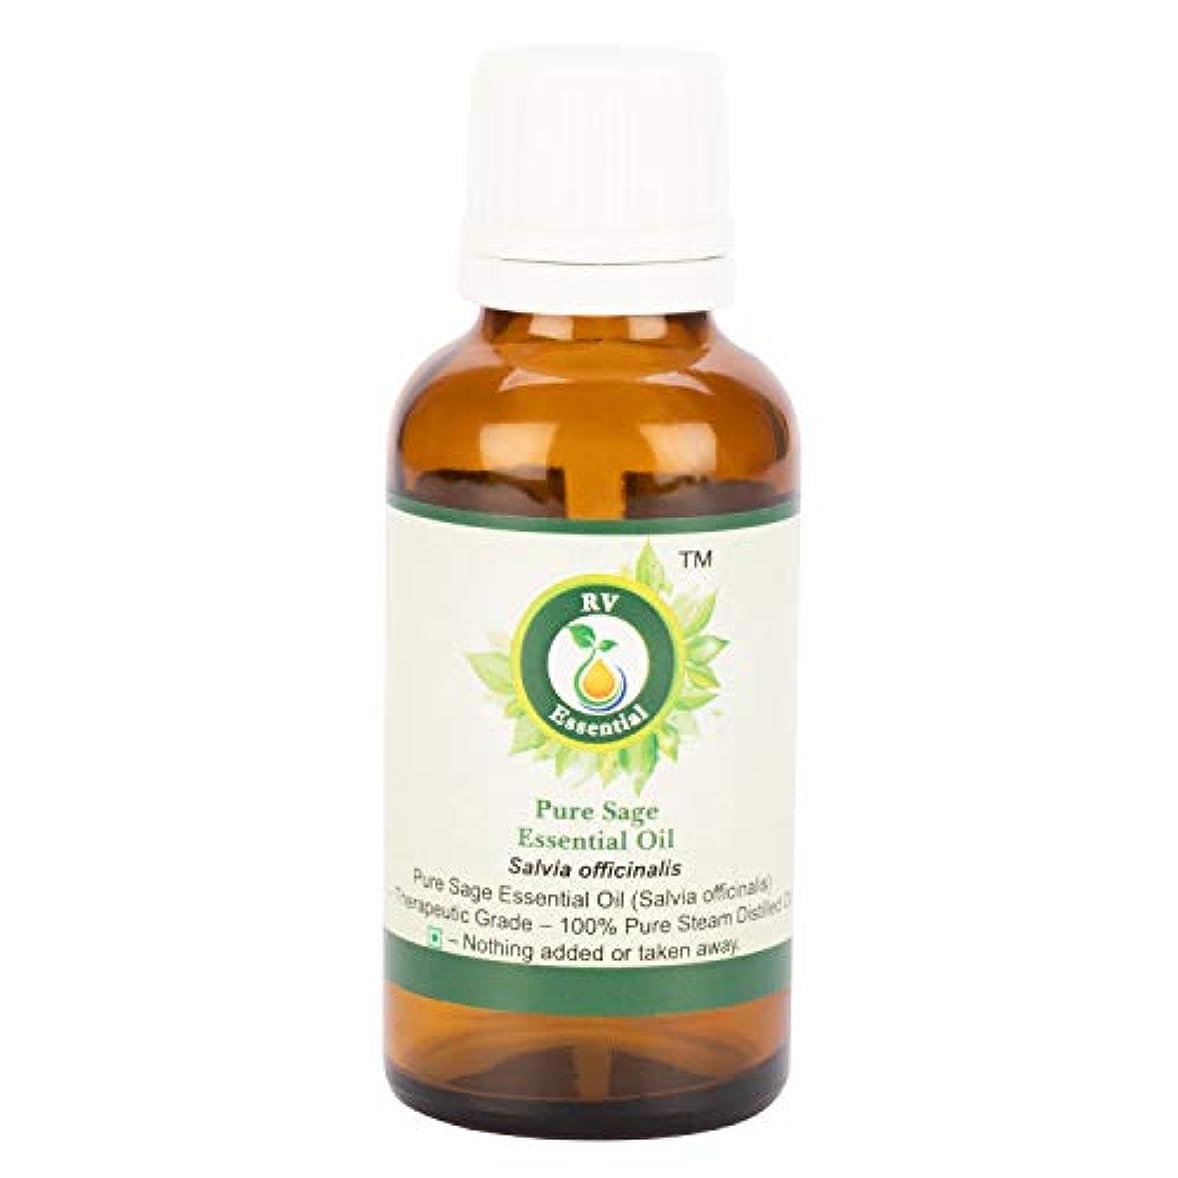 入場料エレガント髄ピュアセージエッセンシャルオイル100ml (3.38oz)- Salvia Officinalis (100%純粋&天然スチームDistilled) Pure Sage Essential Oil